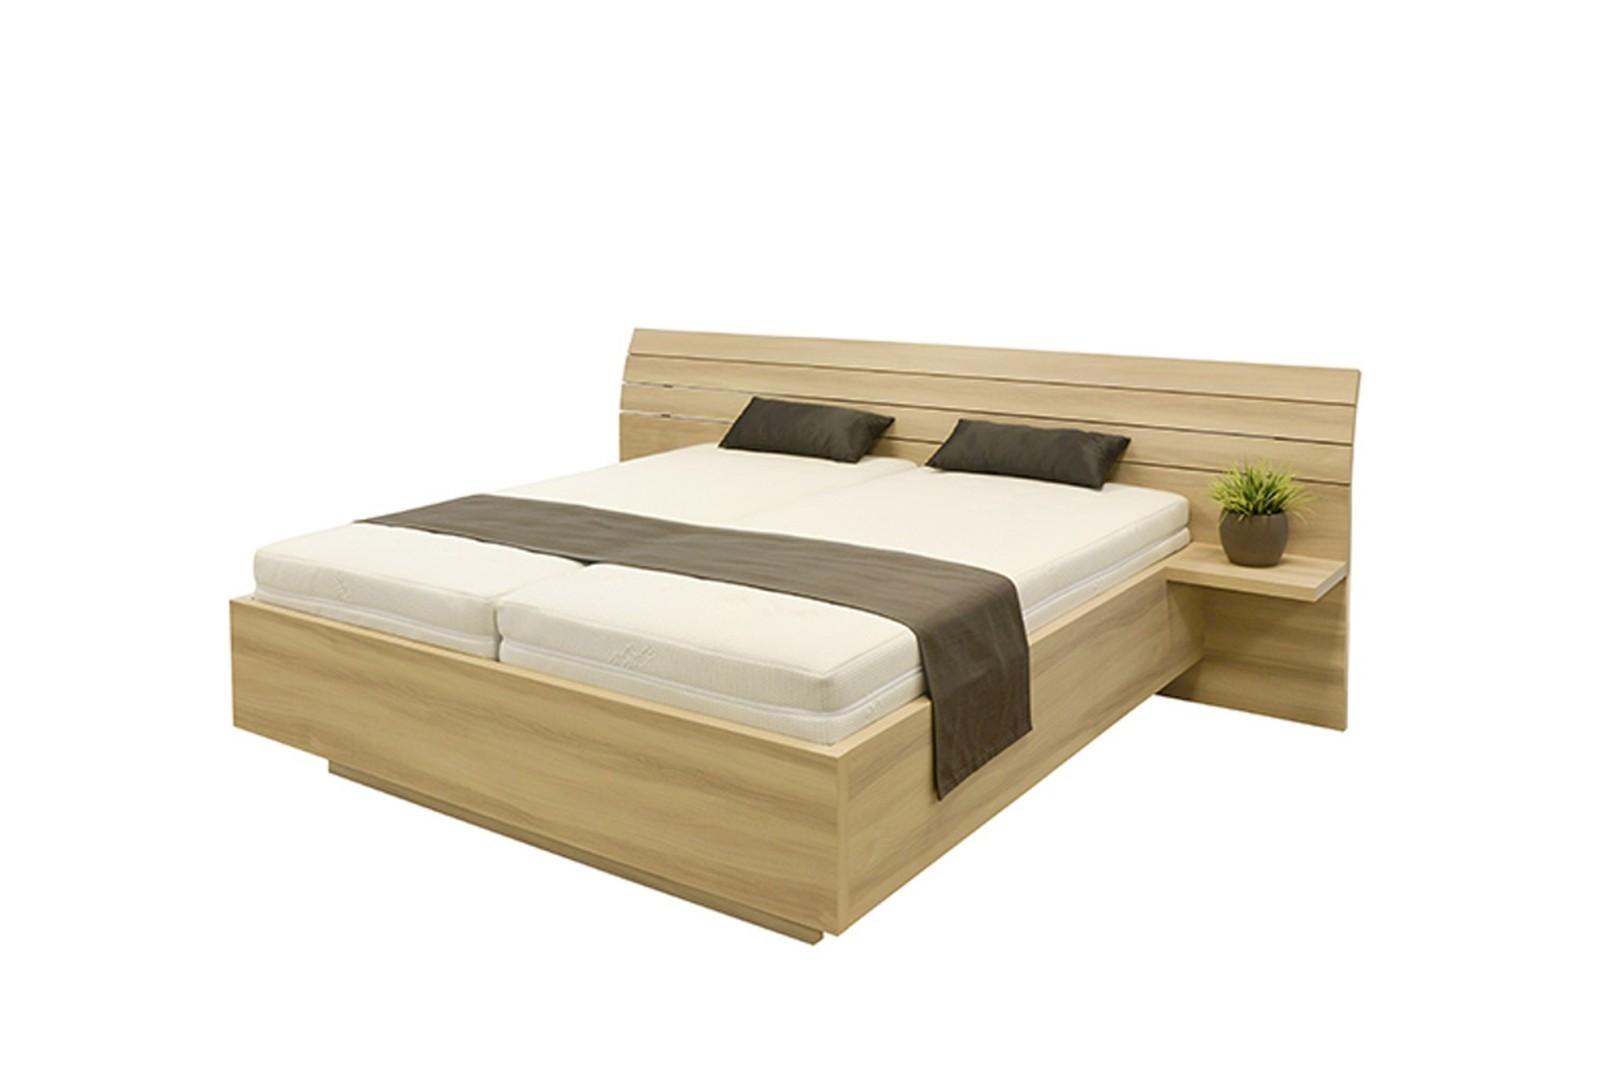 Ahorn SALINA - dvoulůžková postel s širokým čelem 160 x 200 cm dekor akát, 38 mm lamino